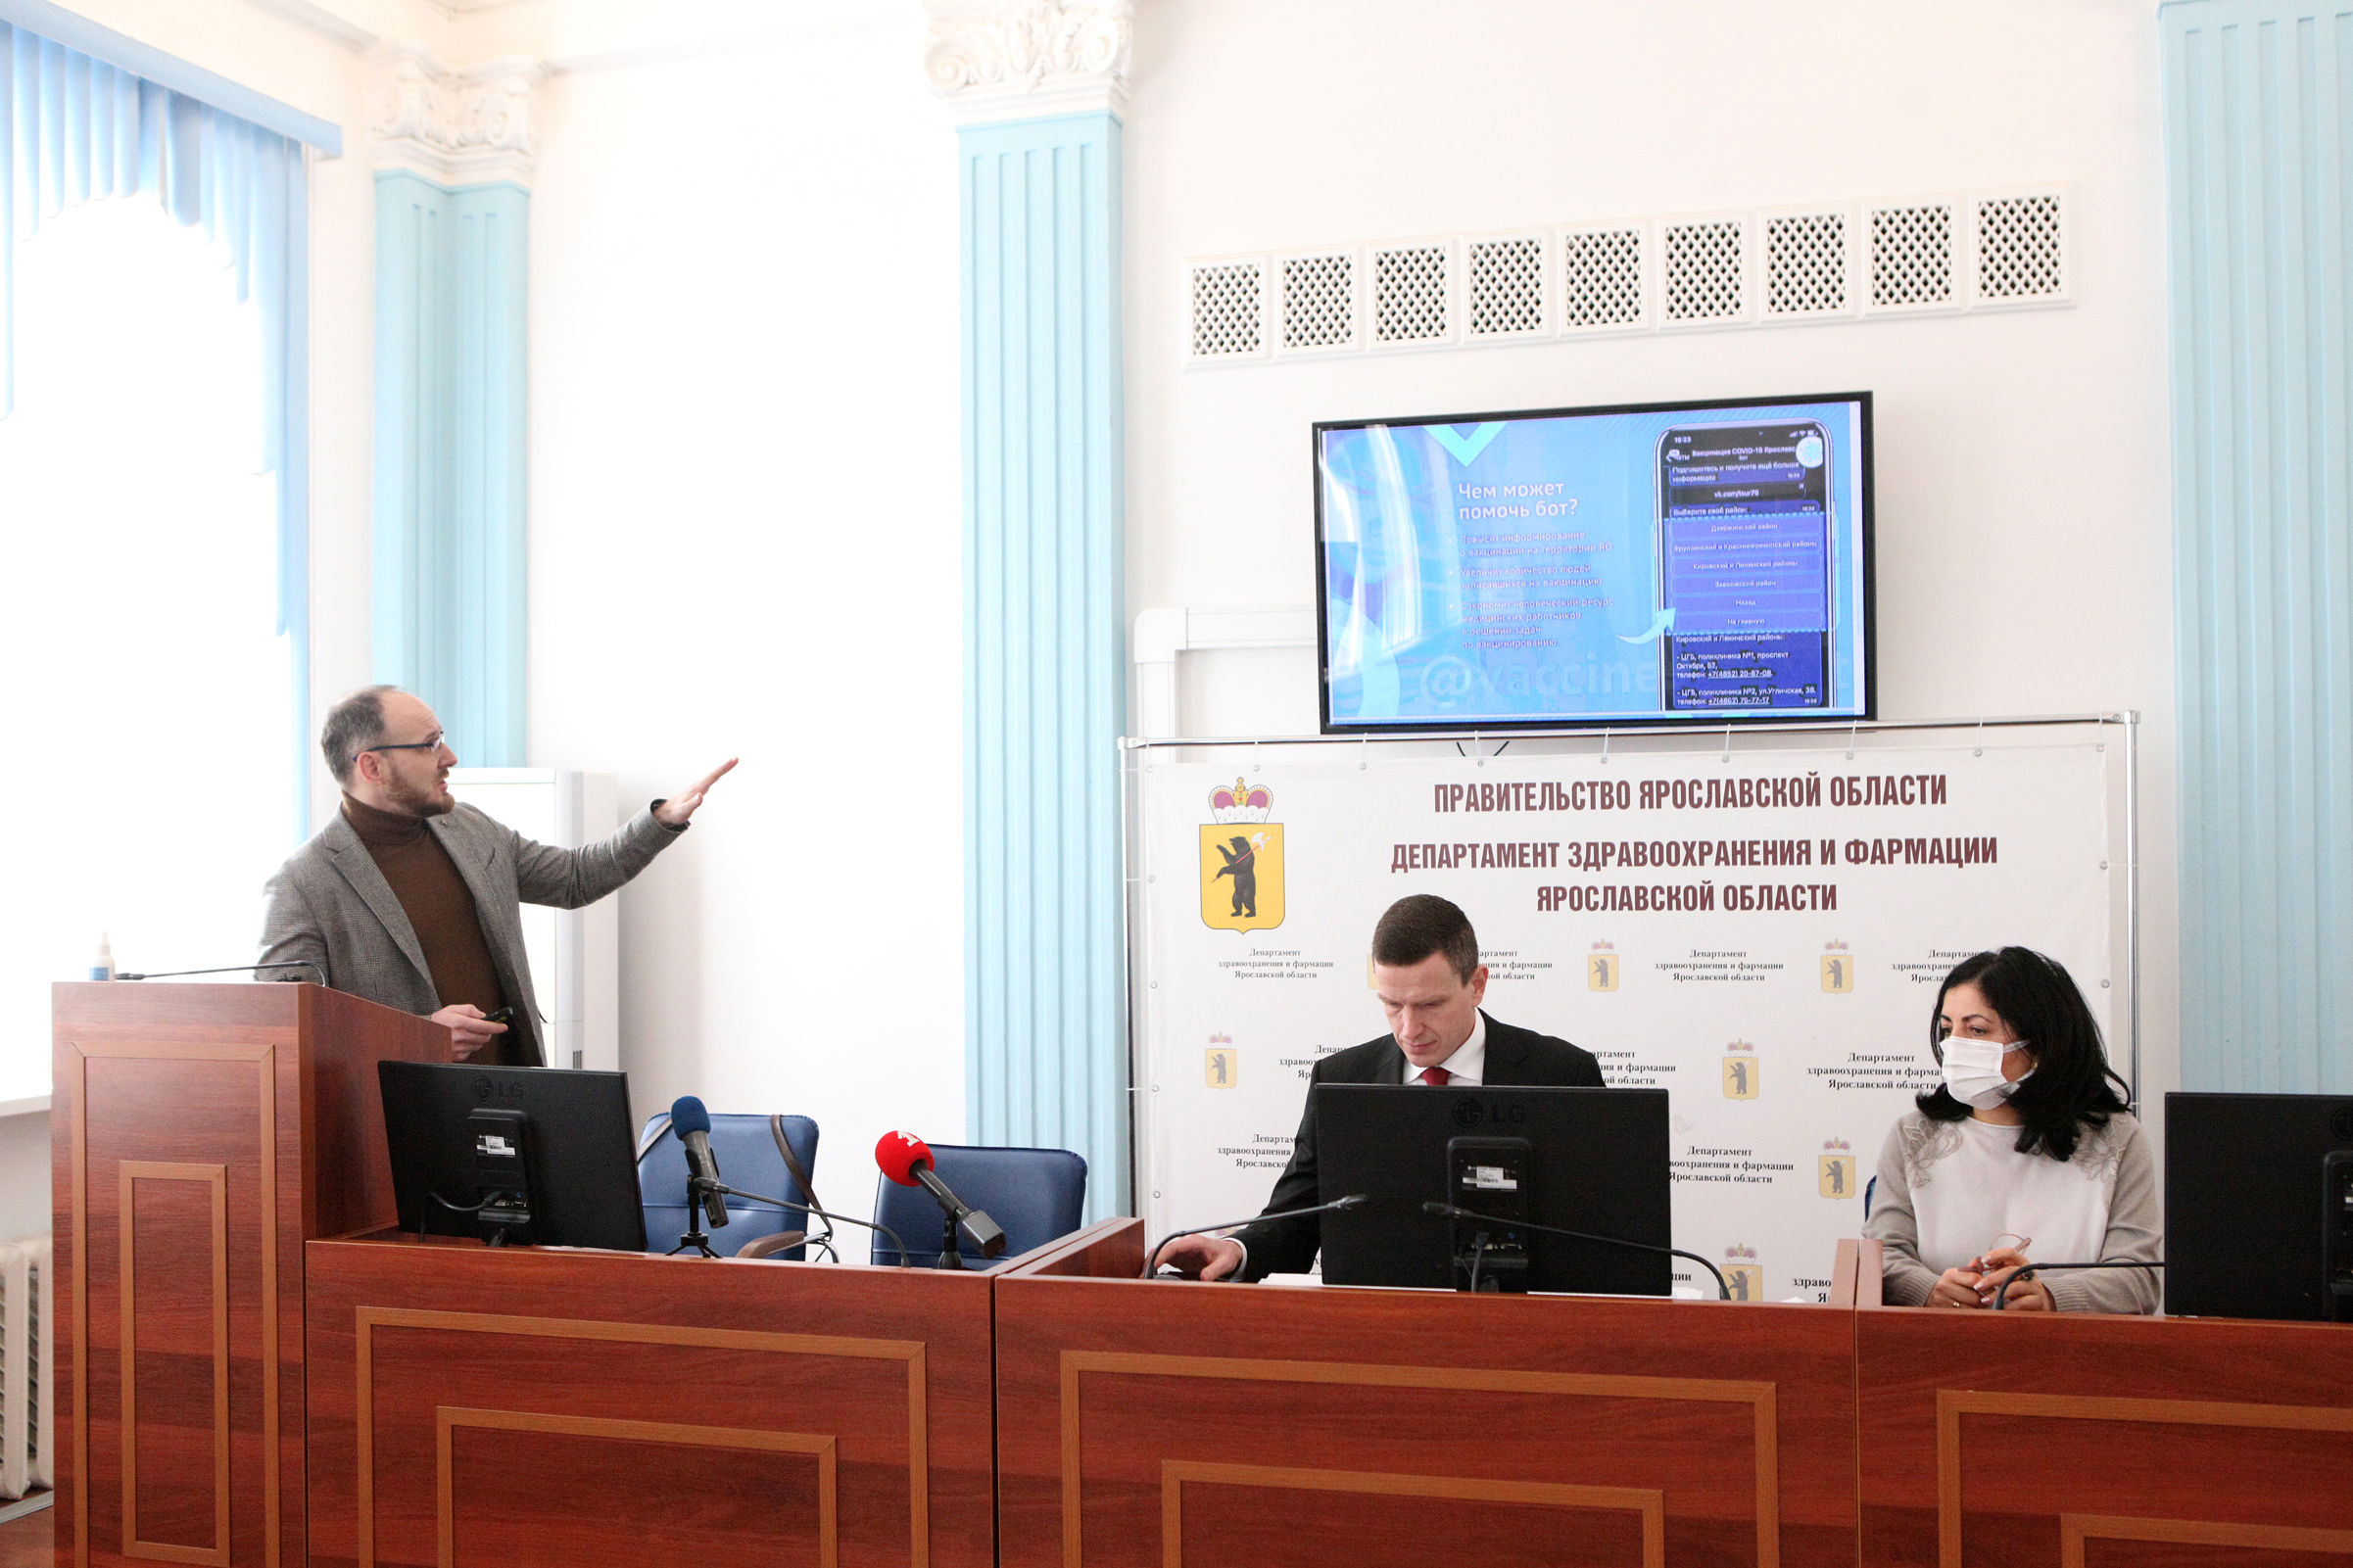 Жителям Ярославской области презентовали онлайн-сервис, информирующий о вакцинации